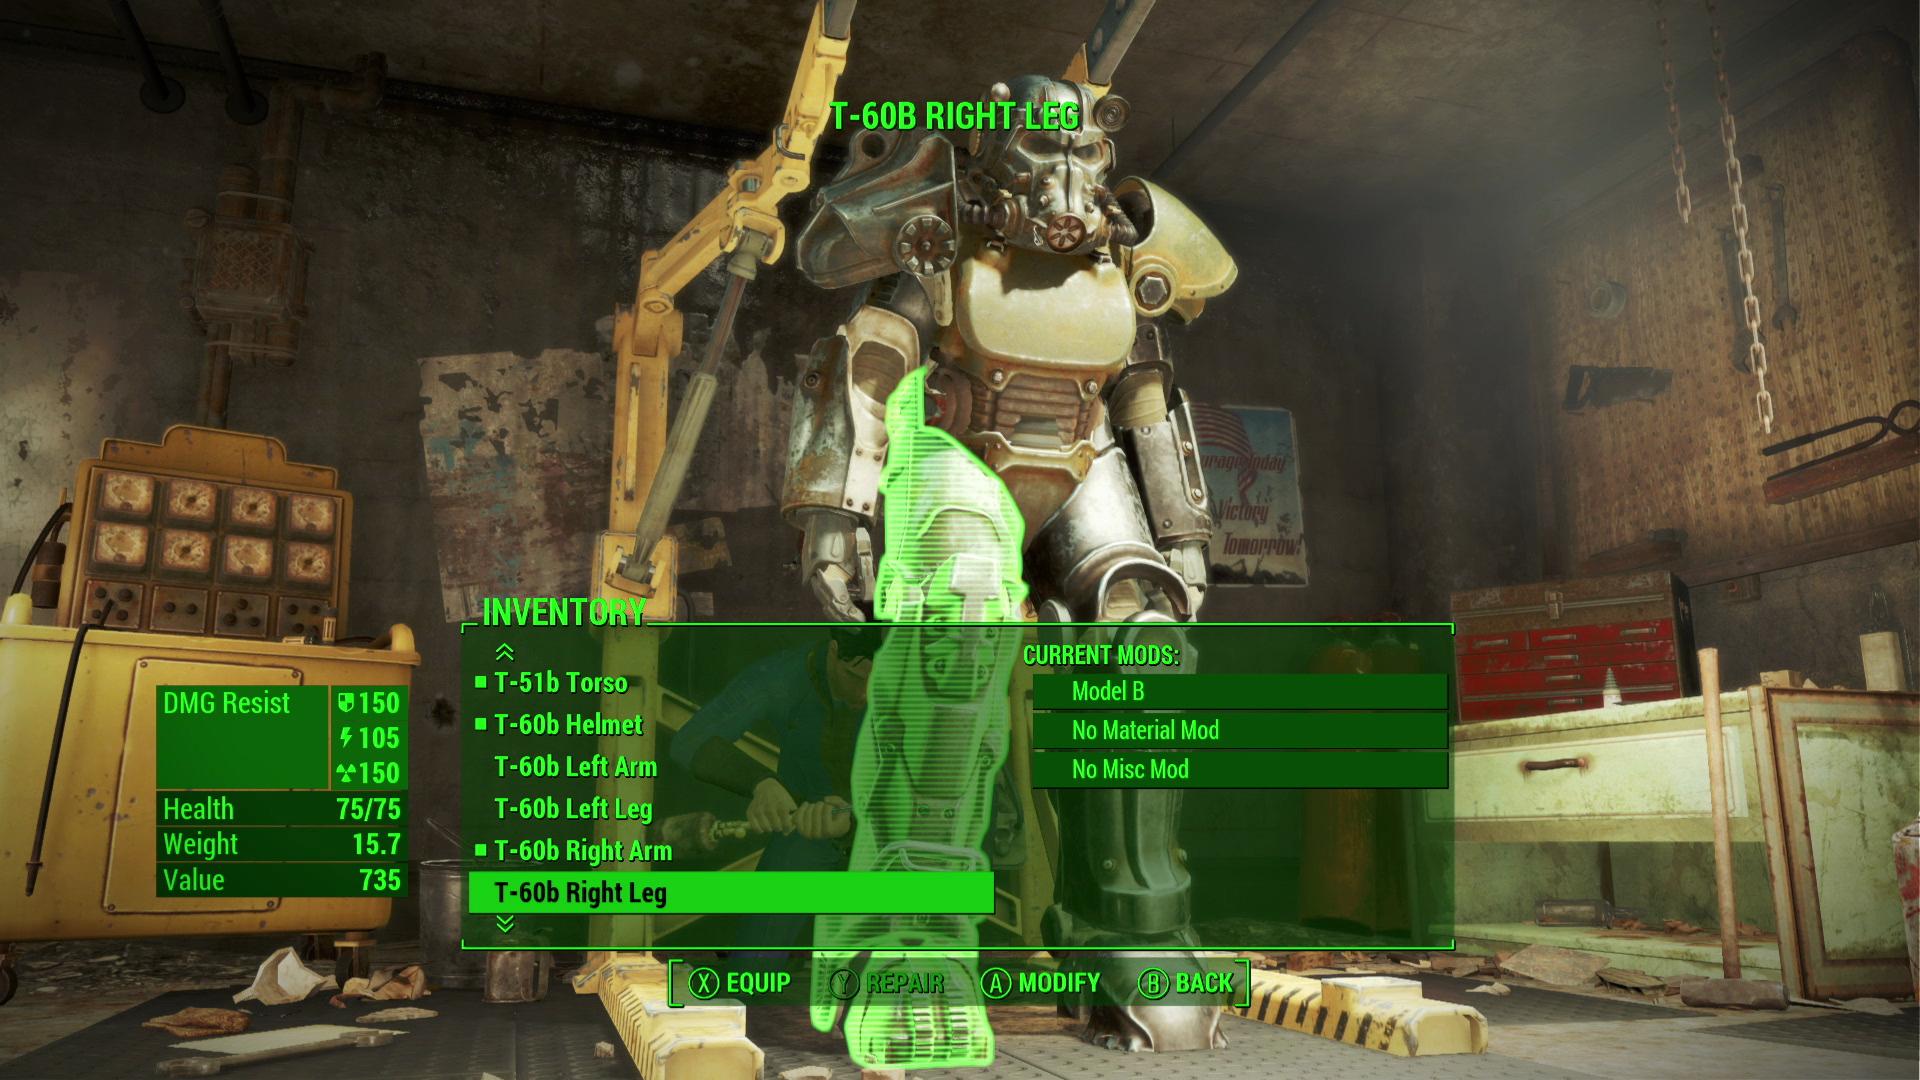 Fallout 4 рецензия review fallout bethesda рецензия обзор отзывы мнение отвратительные мужики фолаут фоллаут фолач фолаут 4